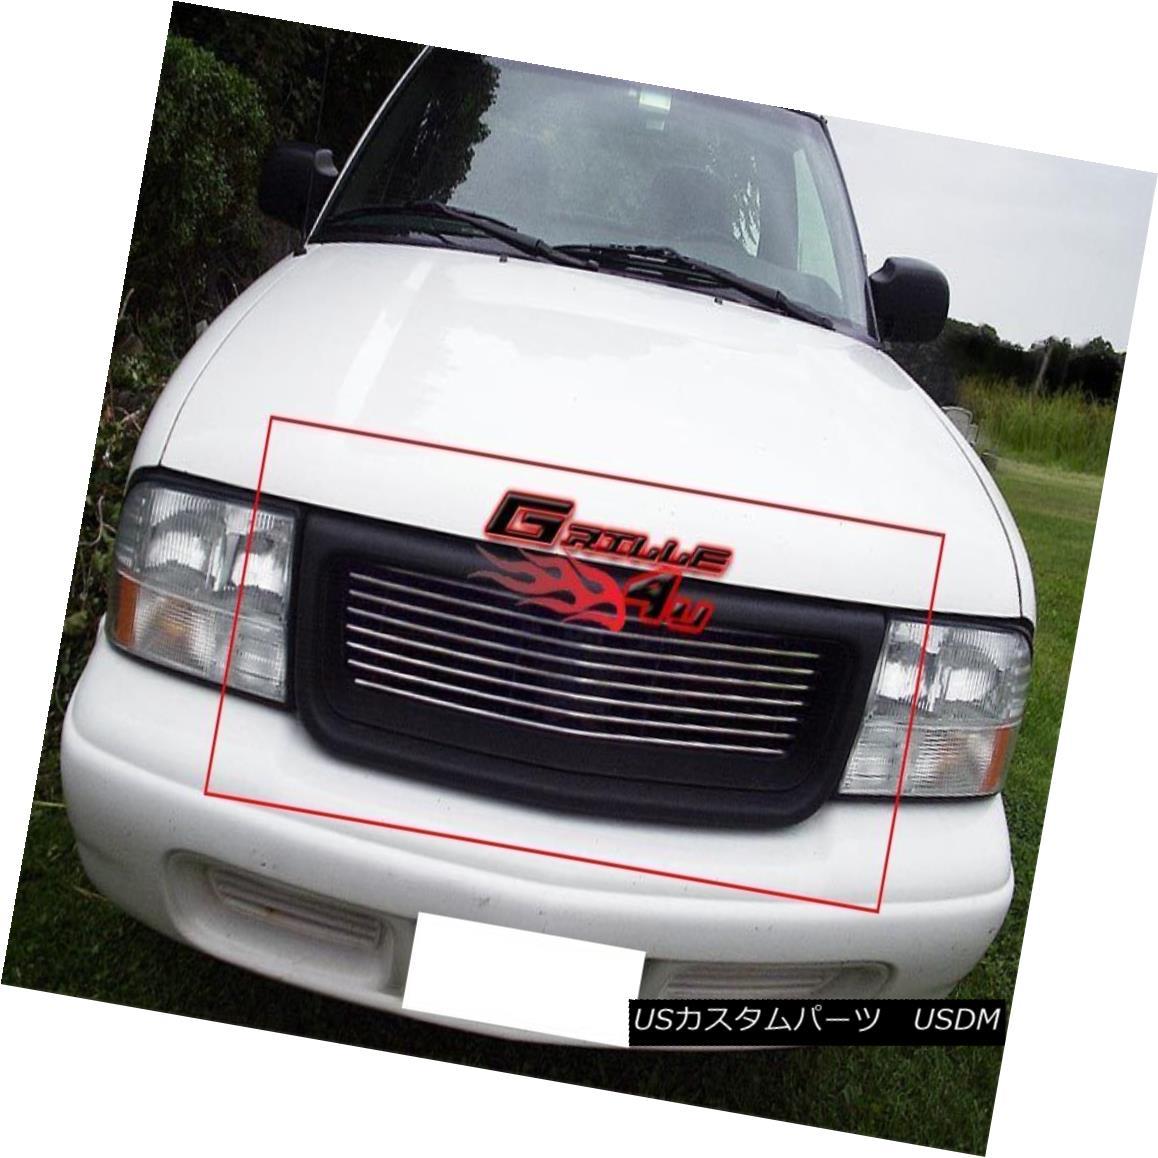 グリル Fits 98-03 GMC S-15 Pickup/Jimmy/Sonoma Main Upper Billet Grille Insert フィット98?03 GMC S-15ピックアップ/ジミー/スウェーデン製メインアッパービレットグリルインサート